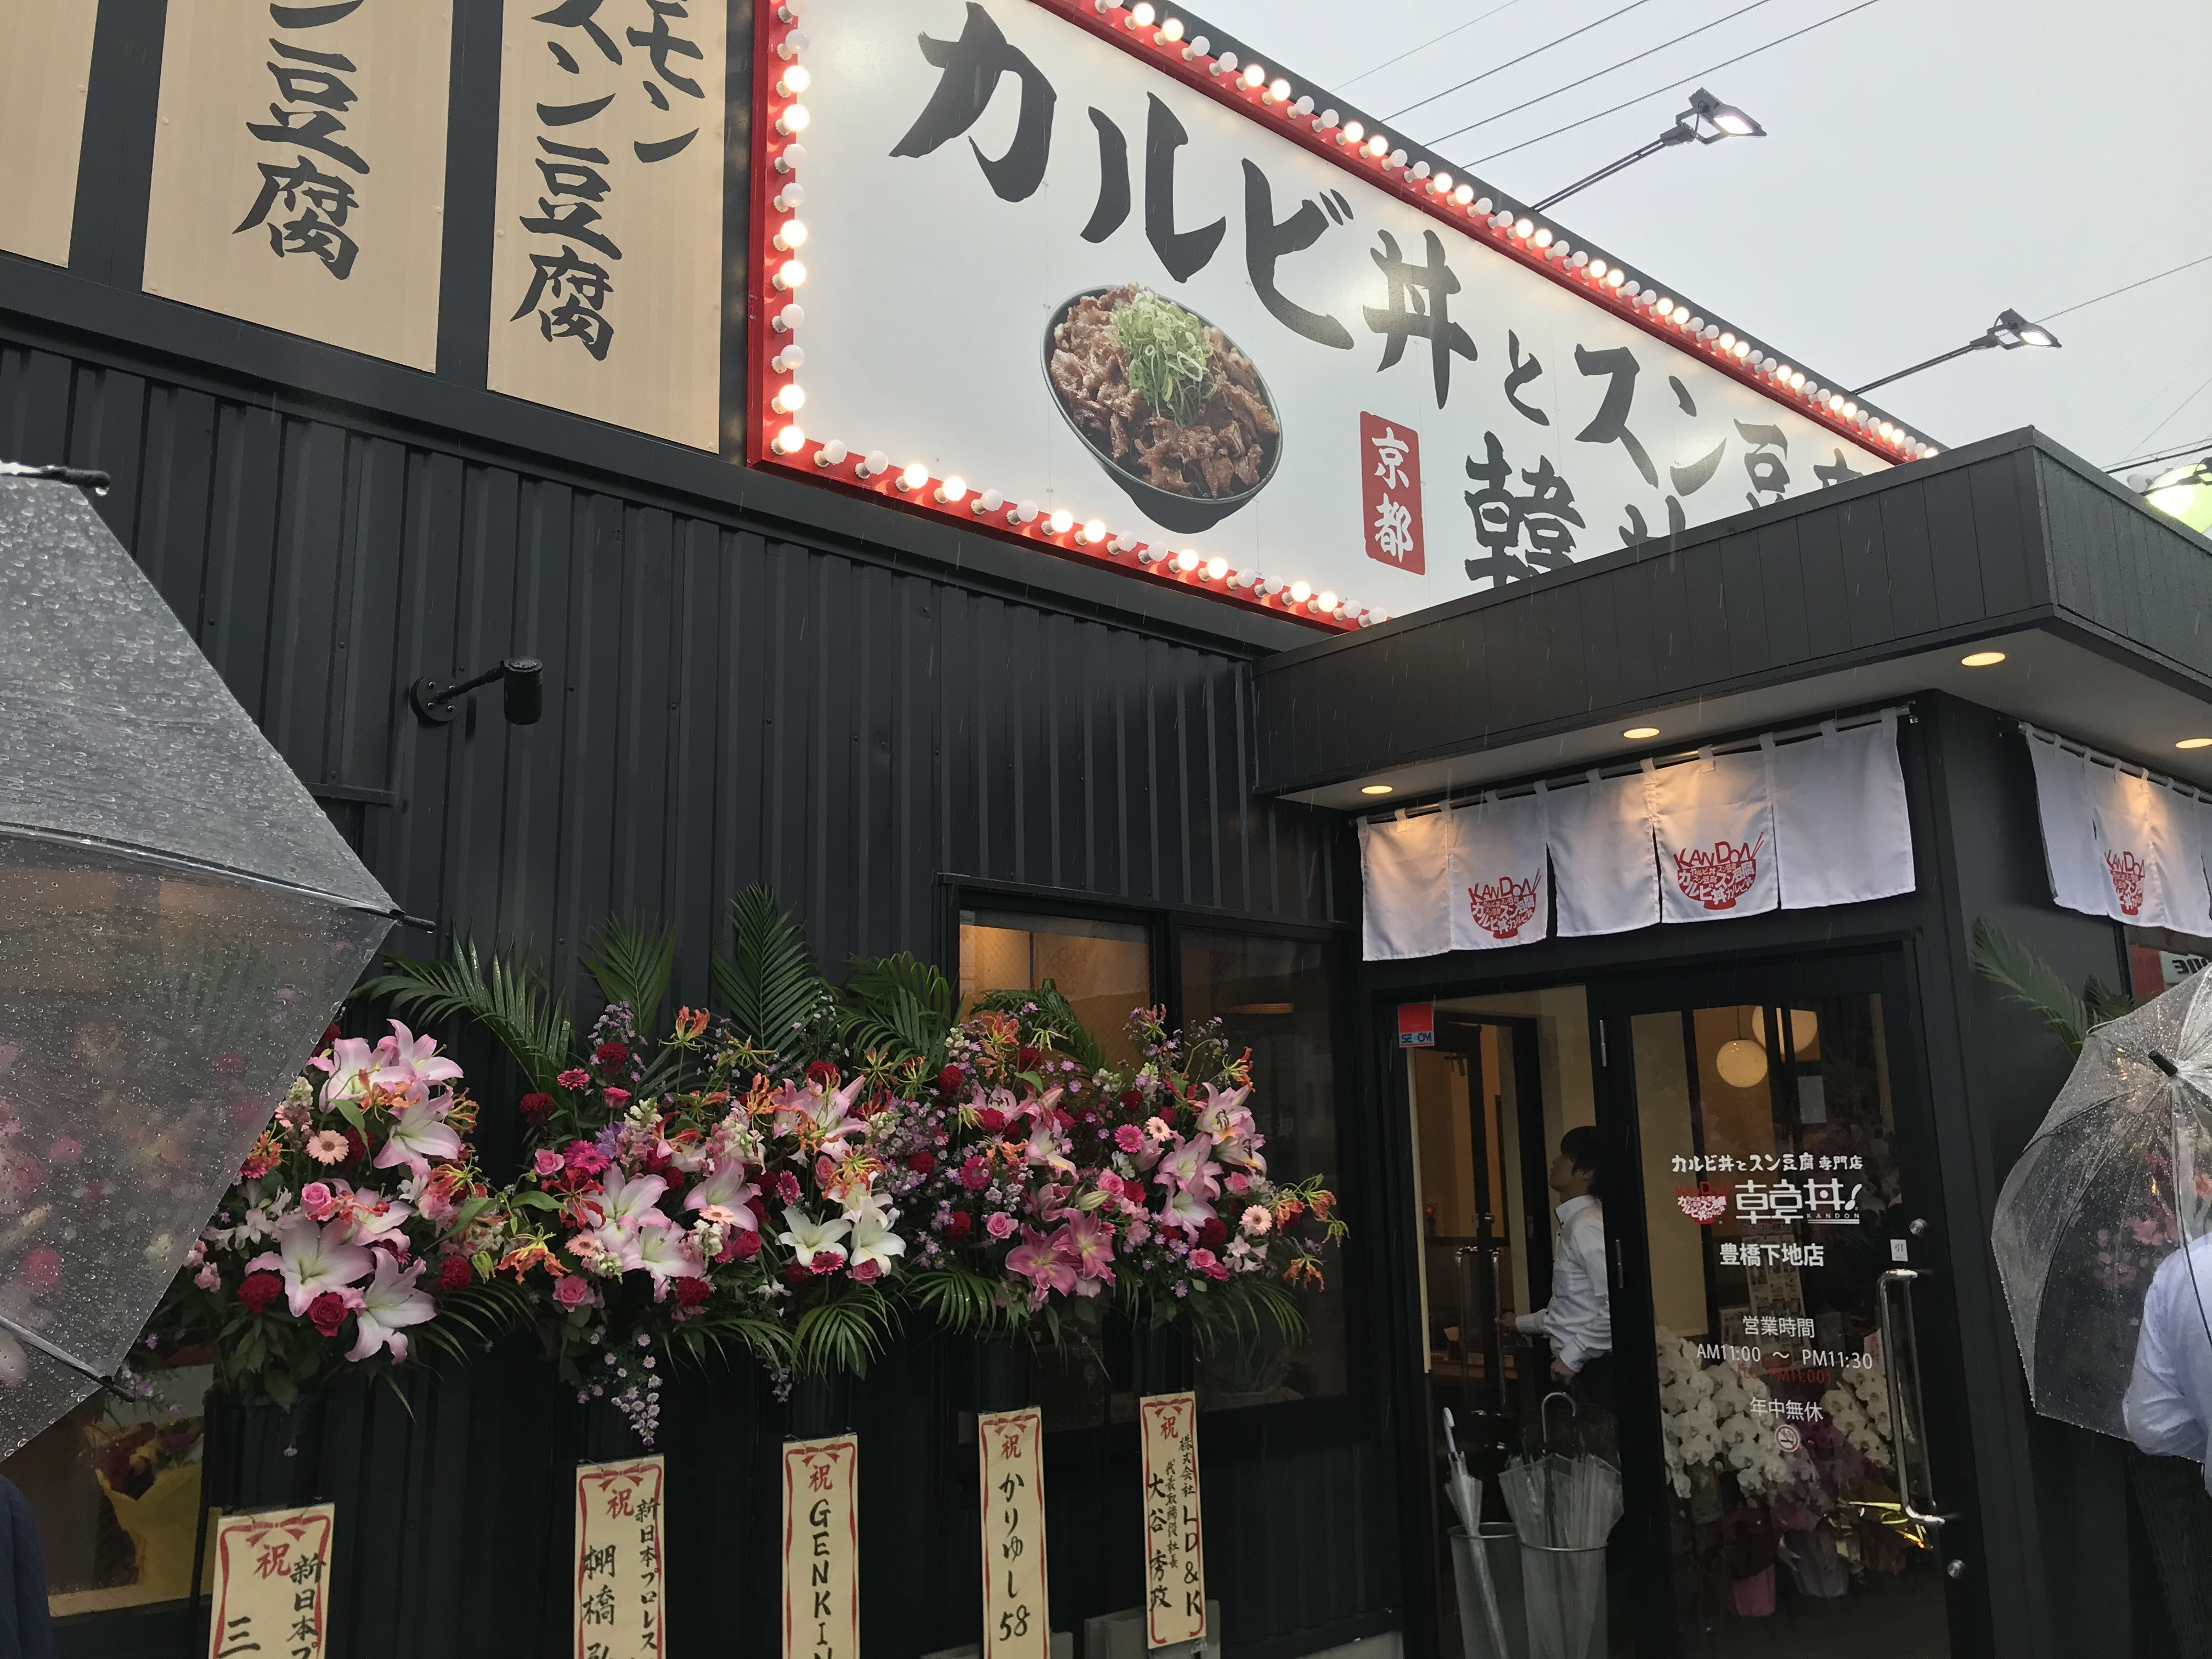 韓丼 豊橋下地店外観